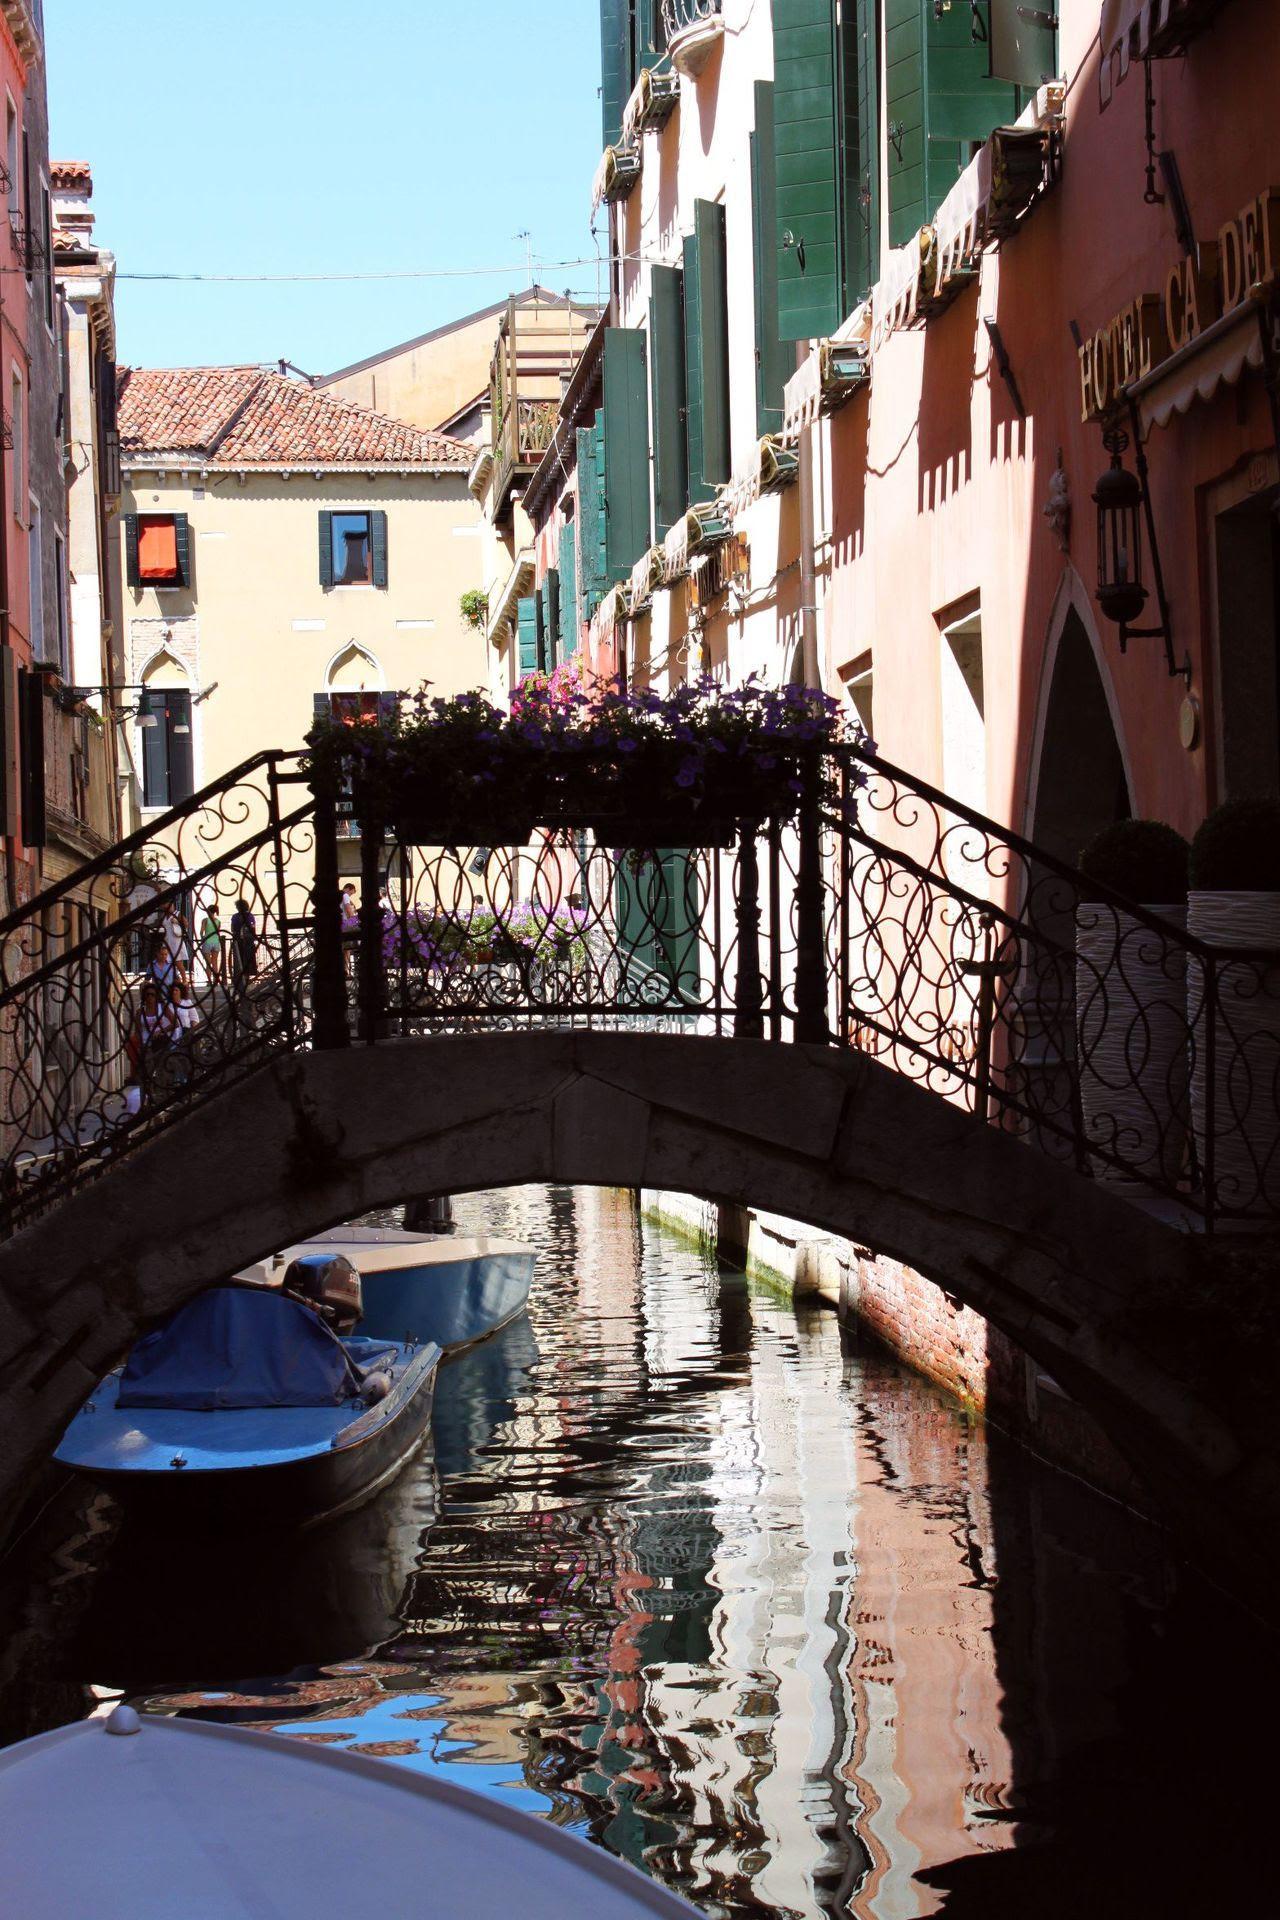 # Venice